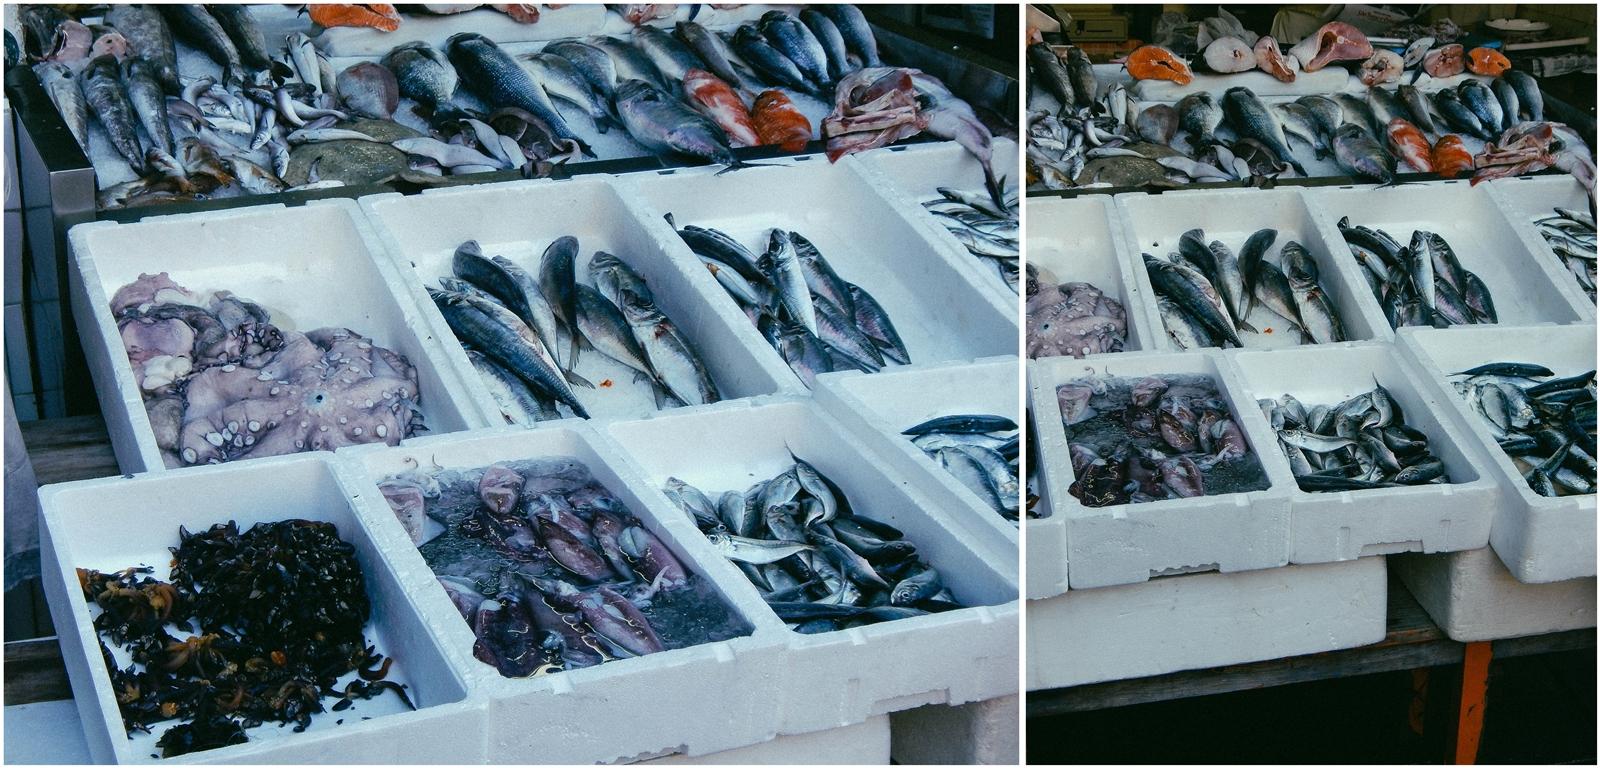 mercado do bolhao co zobaczyc w porto ciekawe miejsca w porto gdzie kupić pamiątki w porto portugalia co zjesc gdzie kupic ceny ciekawe atrakcje miejsca bez turystów